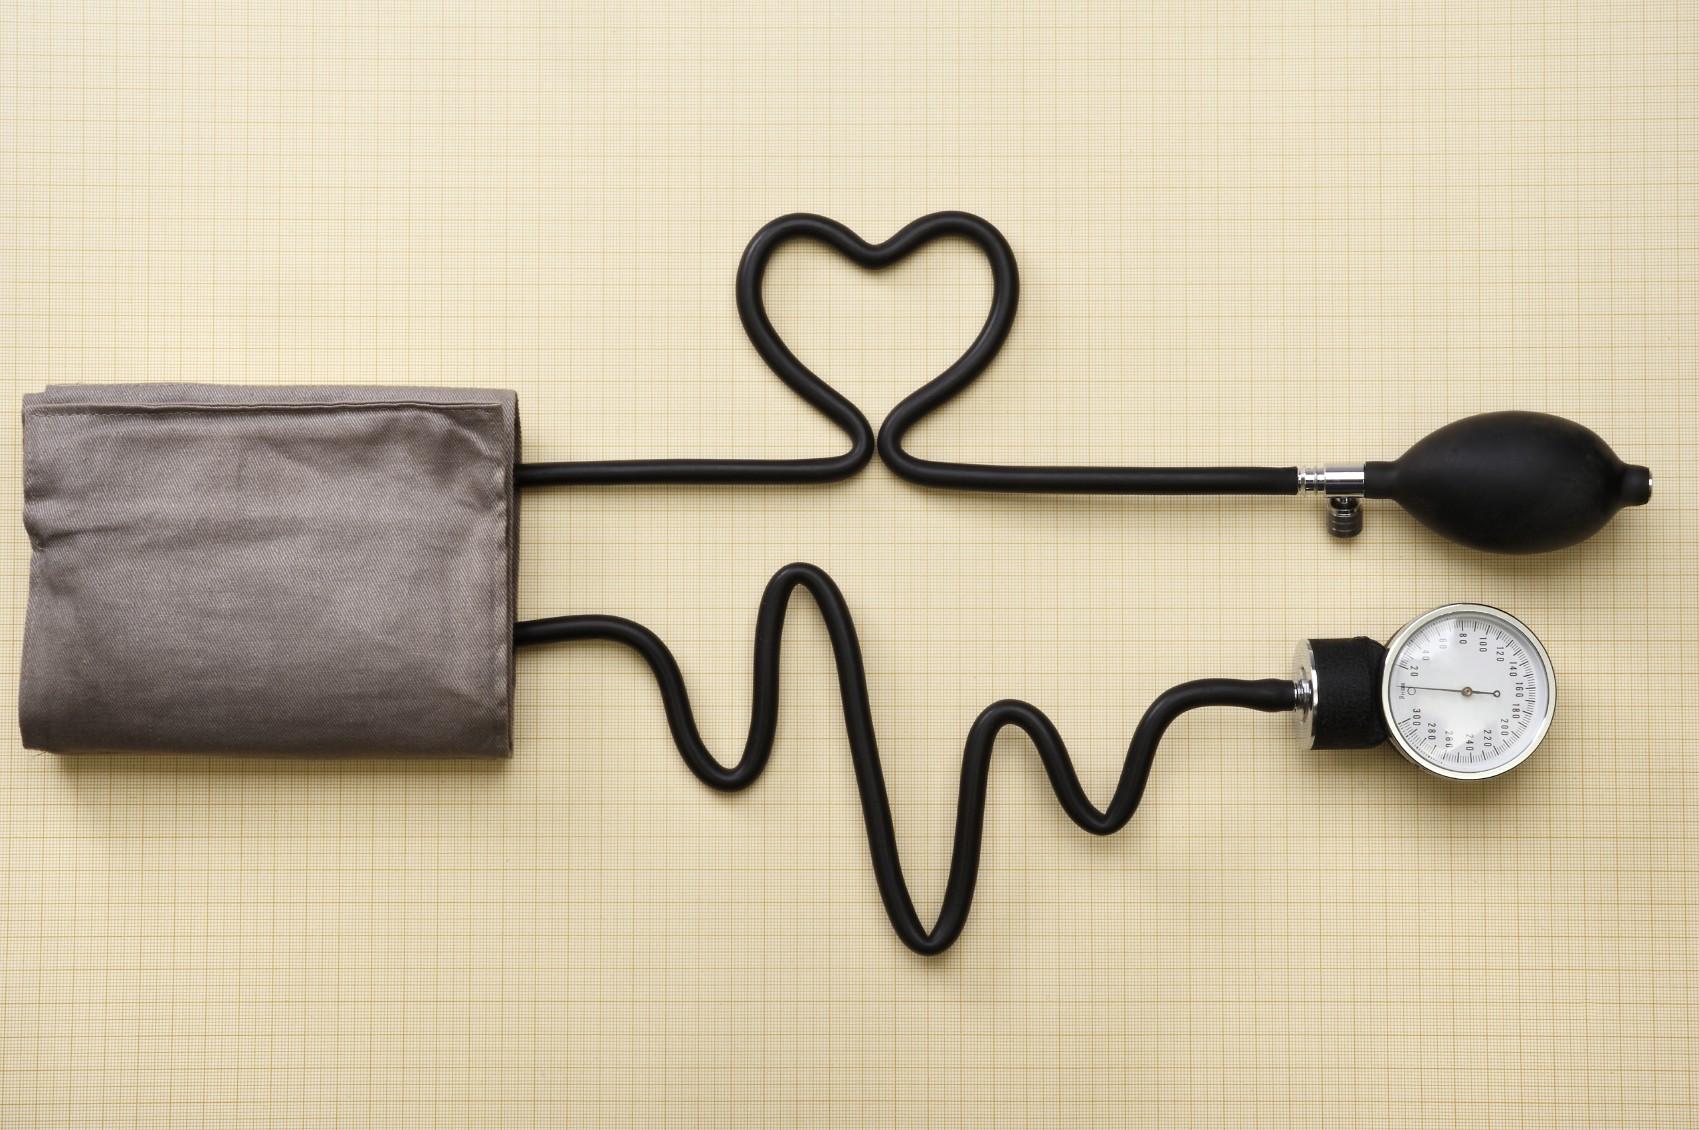 بیماری فشار خون بالا